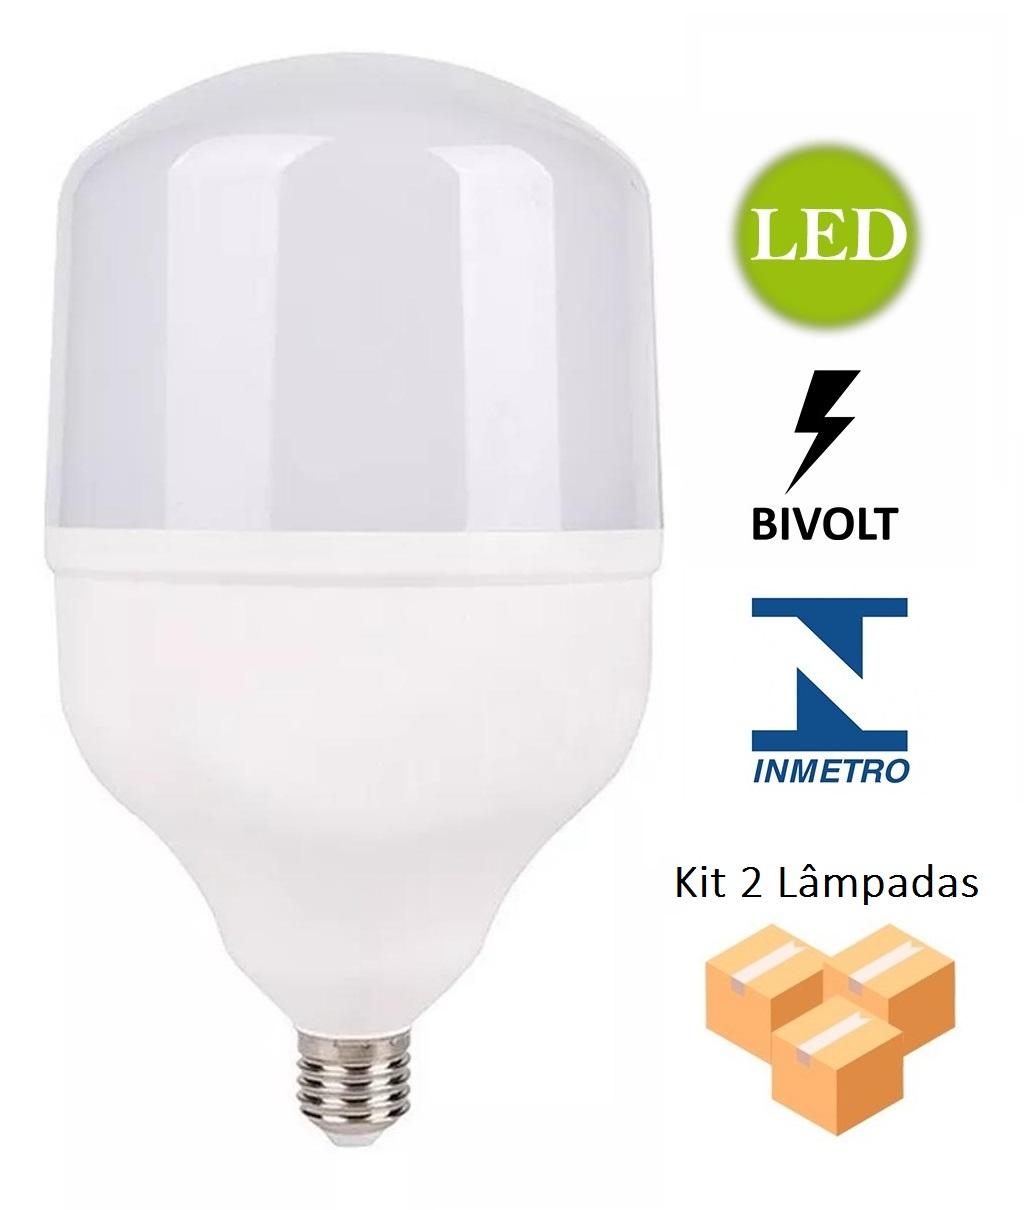 Kit 2 Lâmpadas Alta Potência Led 20w 6500k Bivolt - LUZ SOLLAR